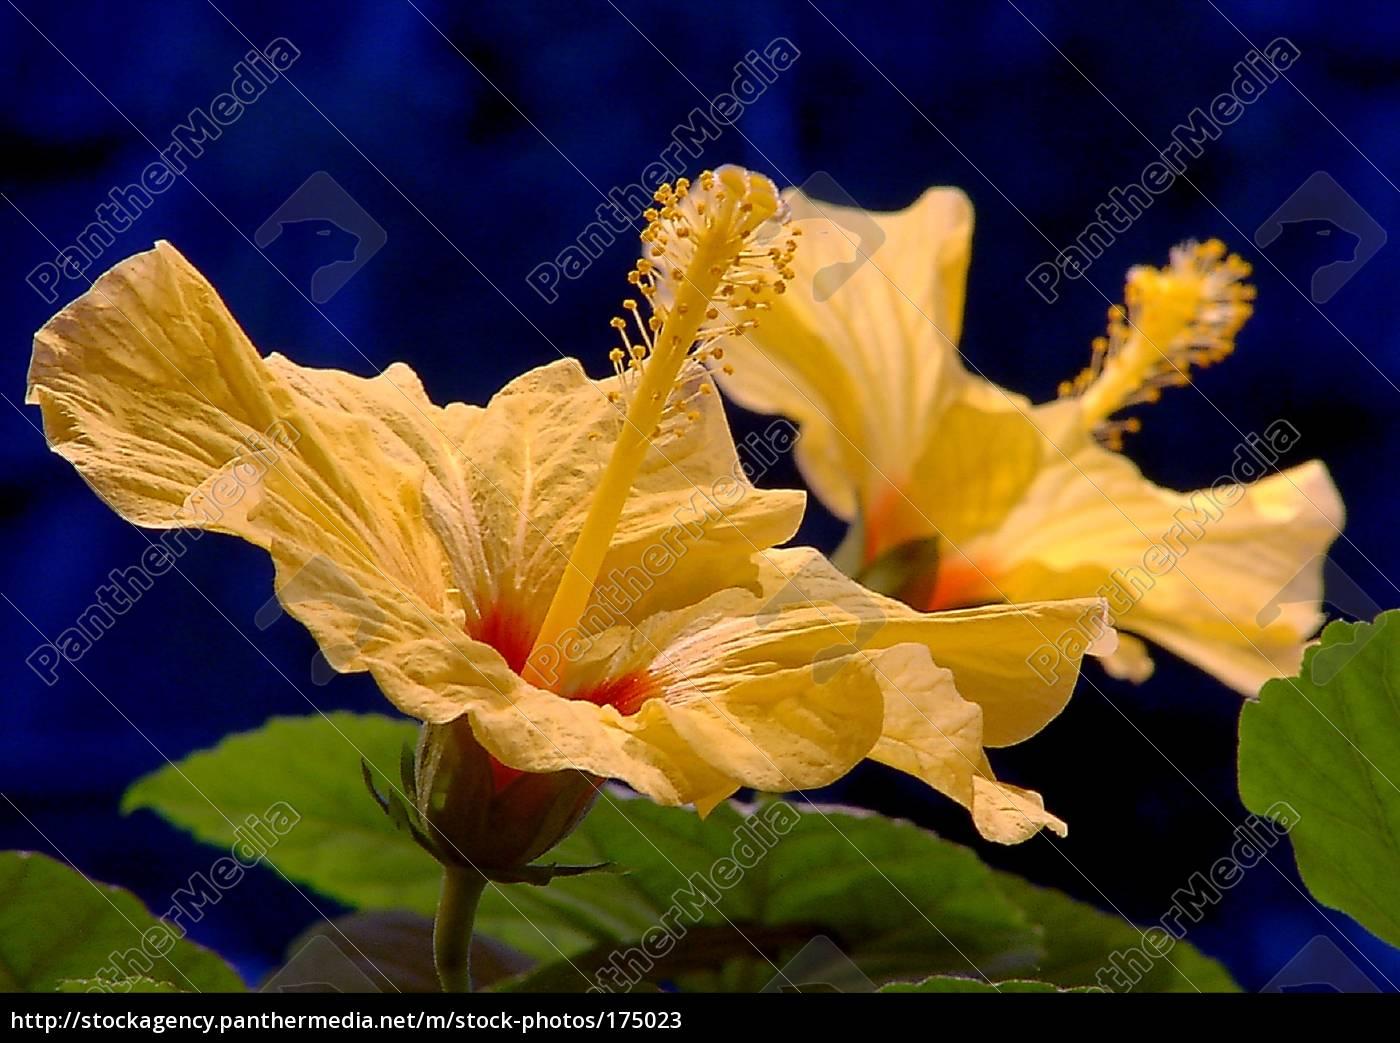 hibiscusblüte - 175023